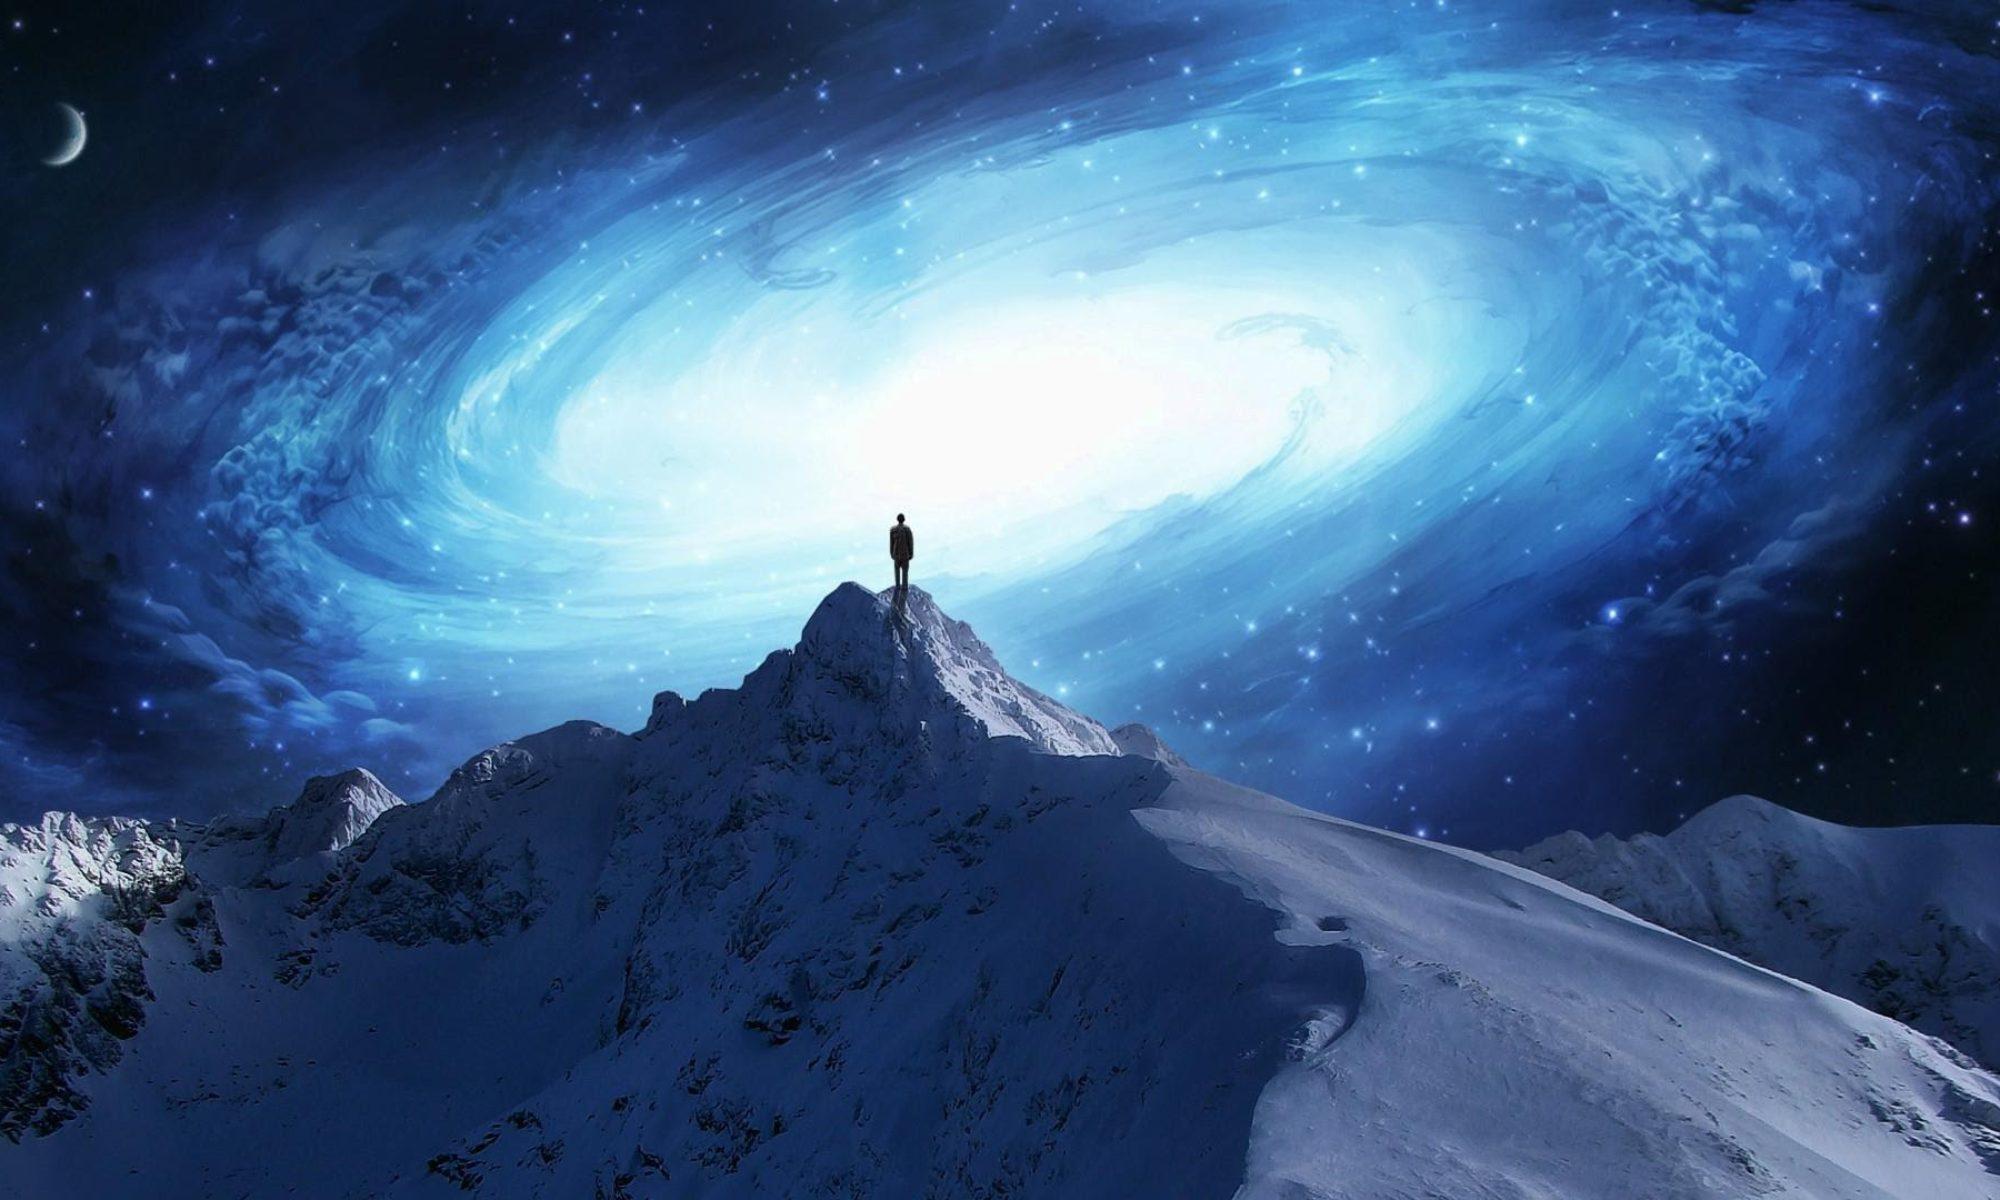 """""""La tua visione diventa chiara solo quando guardi dentro il tuo cuore. Chi guarda fuori, sogna. Chi guarda dentro, si sveglia."""""""